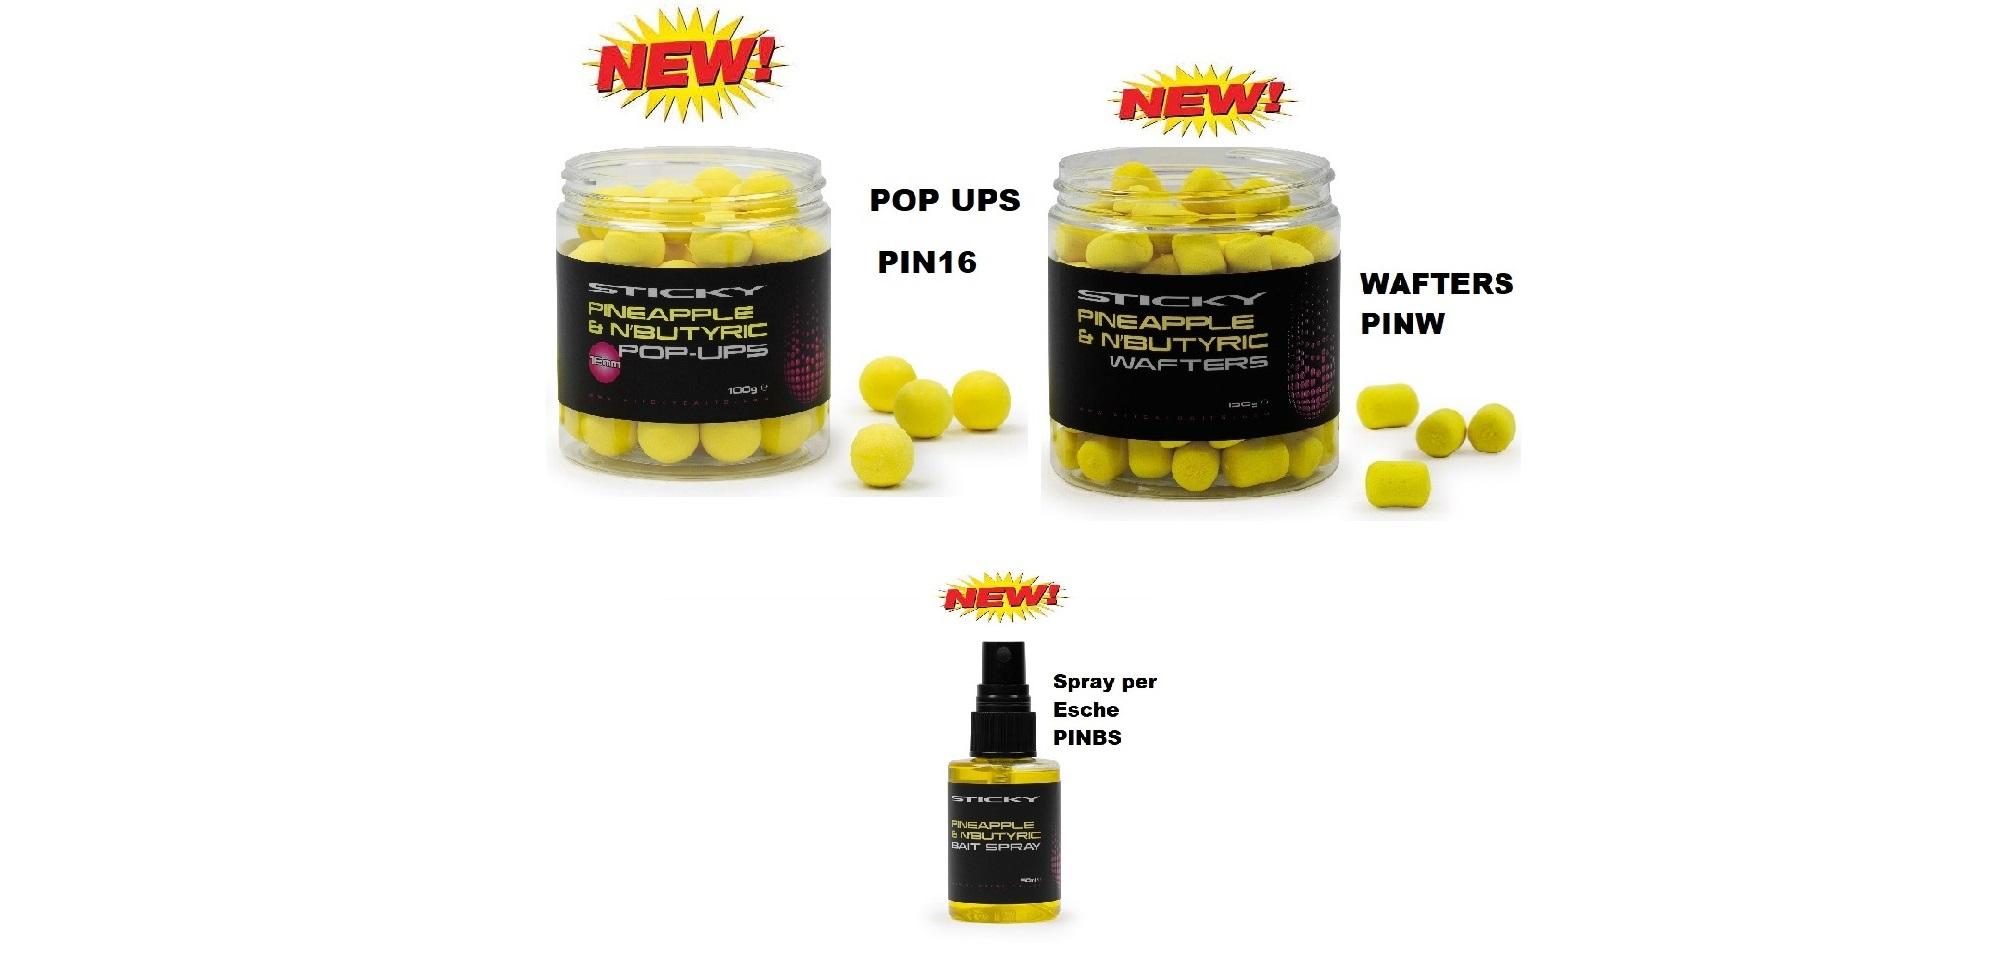 Sticky Linea Fluoro Pineapple & NButyric